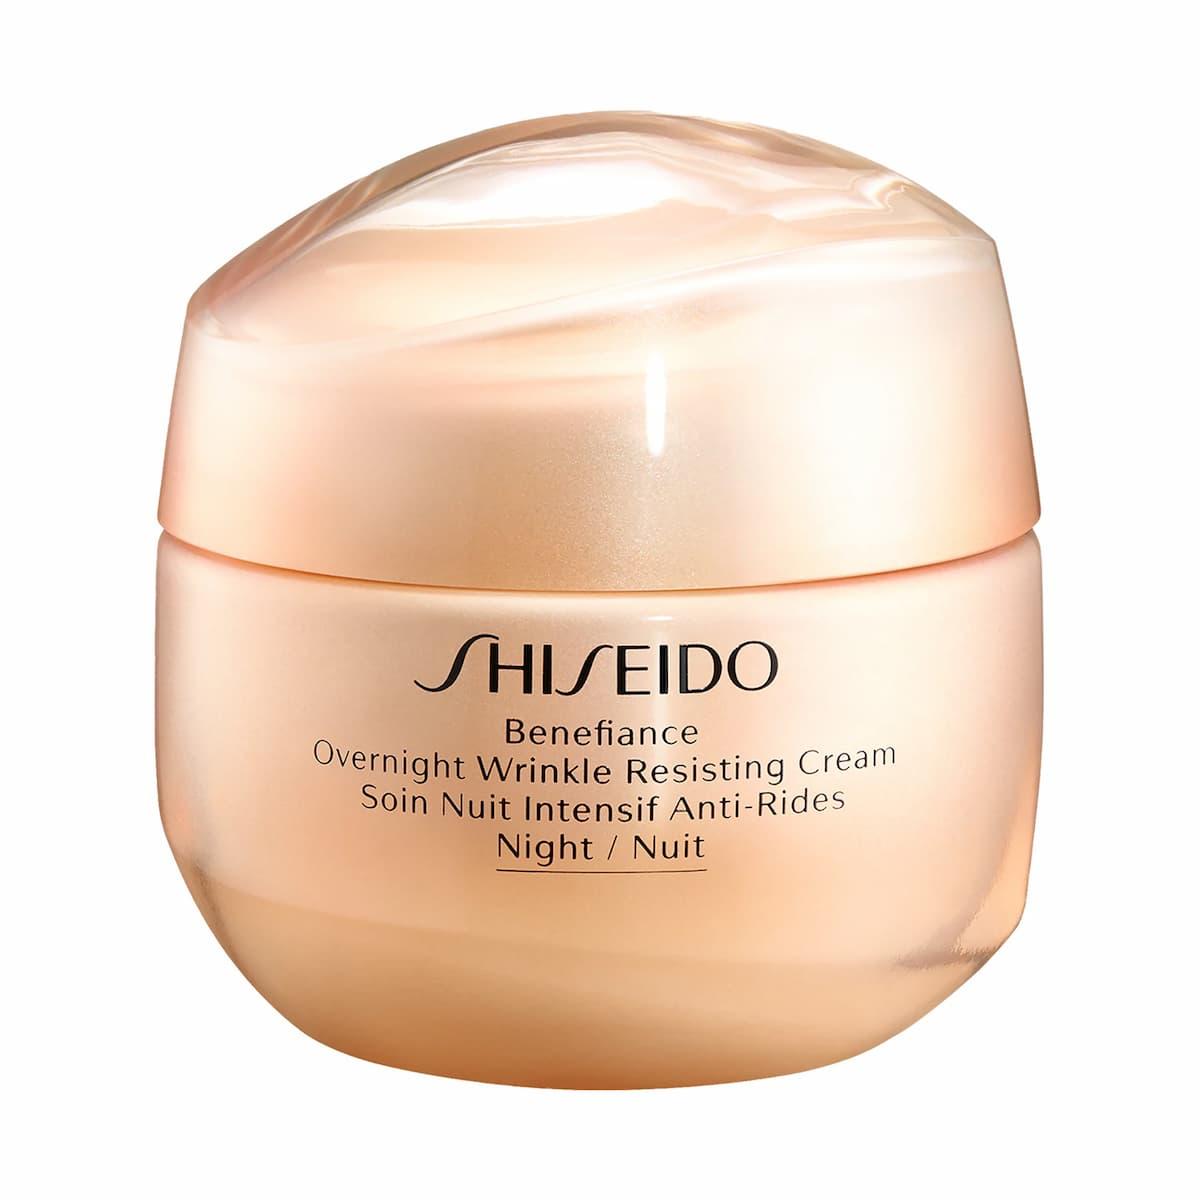 Shiseido - Benefiance - Soin nuit Intensif Anti-Rides 50 ml